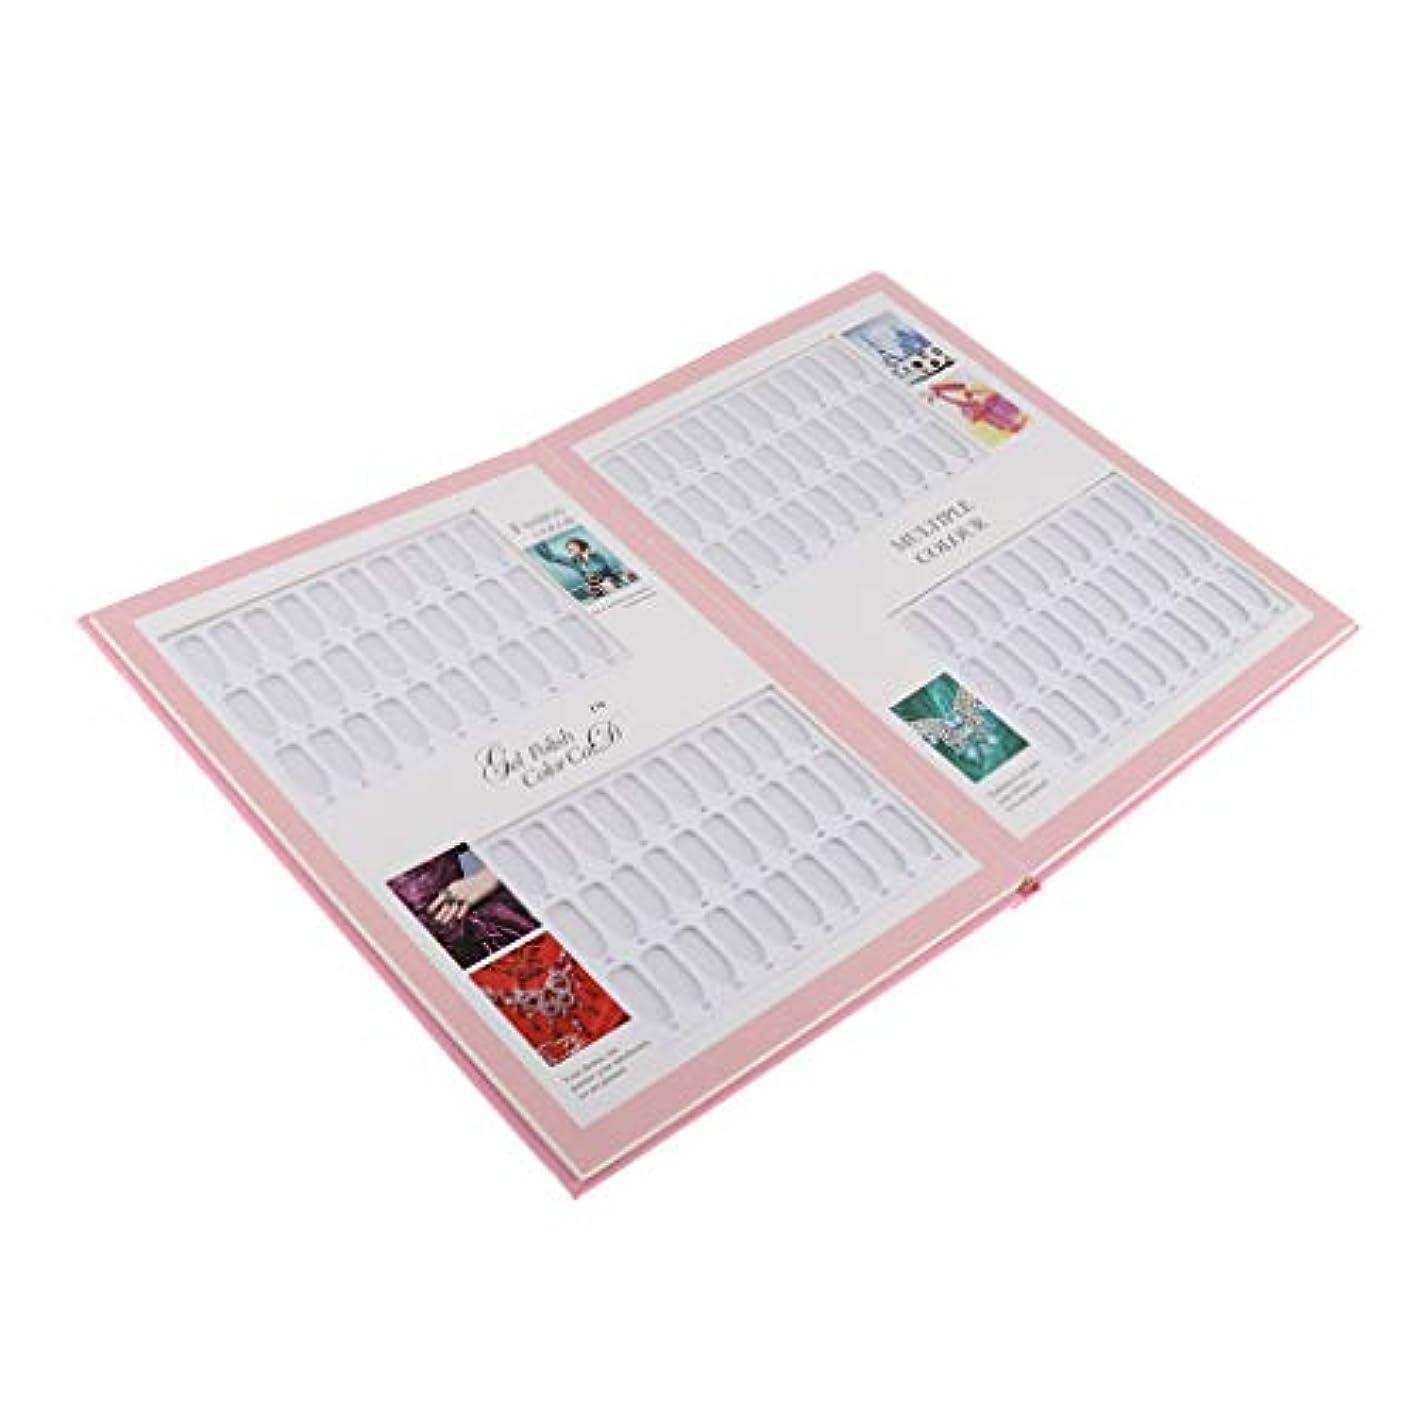 切手アクセス販売計画Perfeclan ネイルカラーガイド ネイルアート マニキュア色見本 ネイルカラーカードブック ネイルディスプレイ ピンク - 06